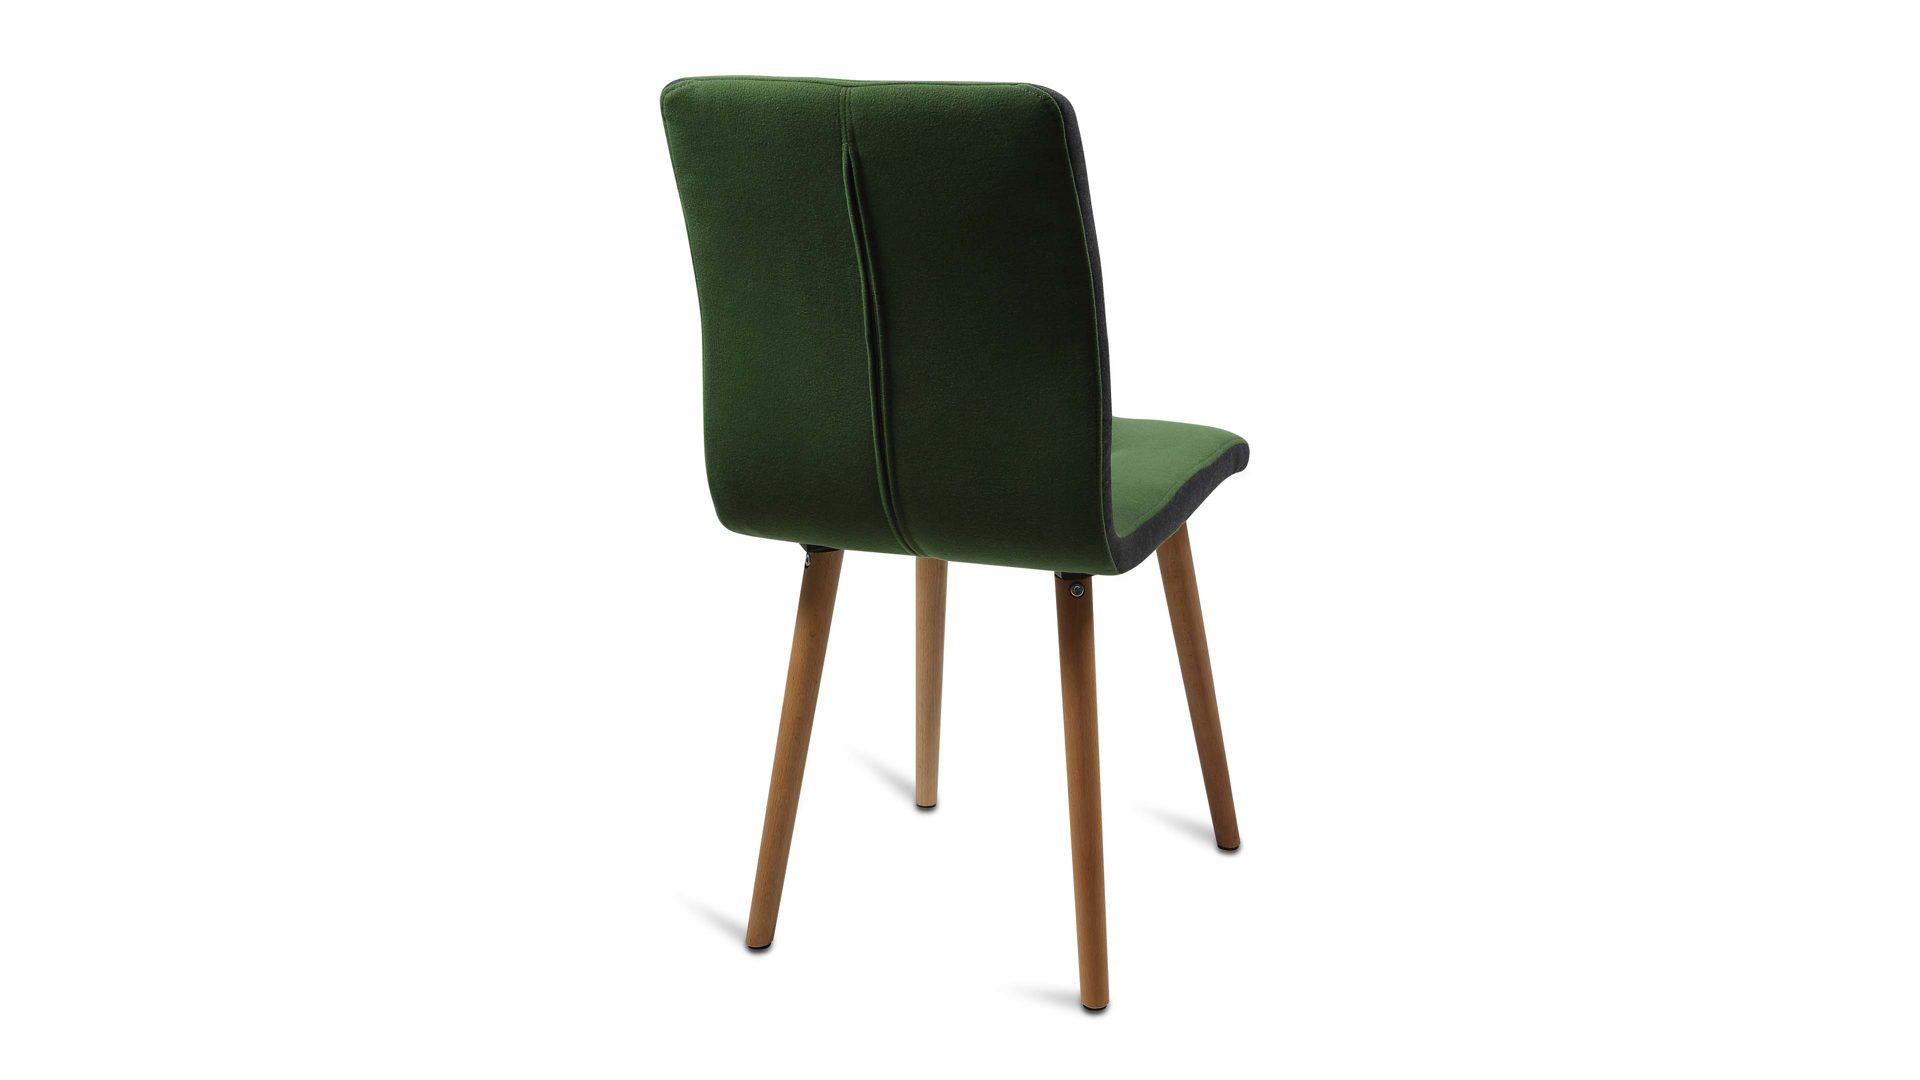 Polsterstuhl Ein Sitzmöbel Im Retro Stil Flaschengrüner Bezug